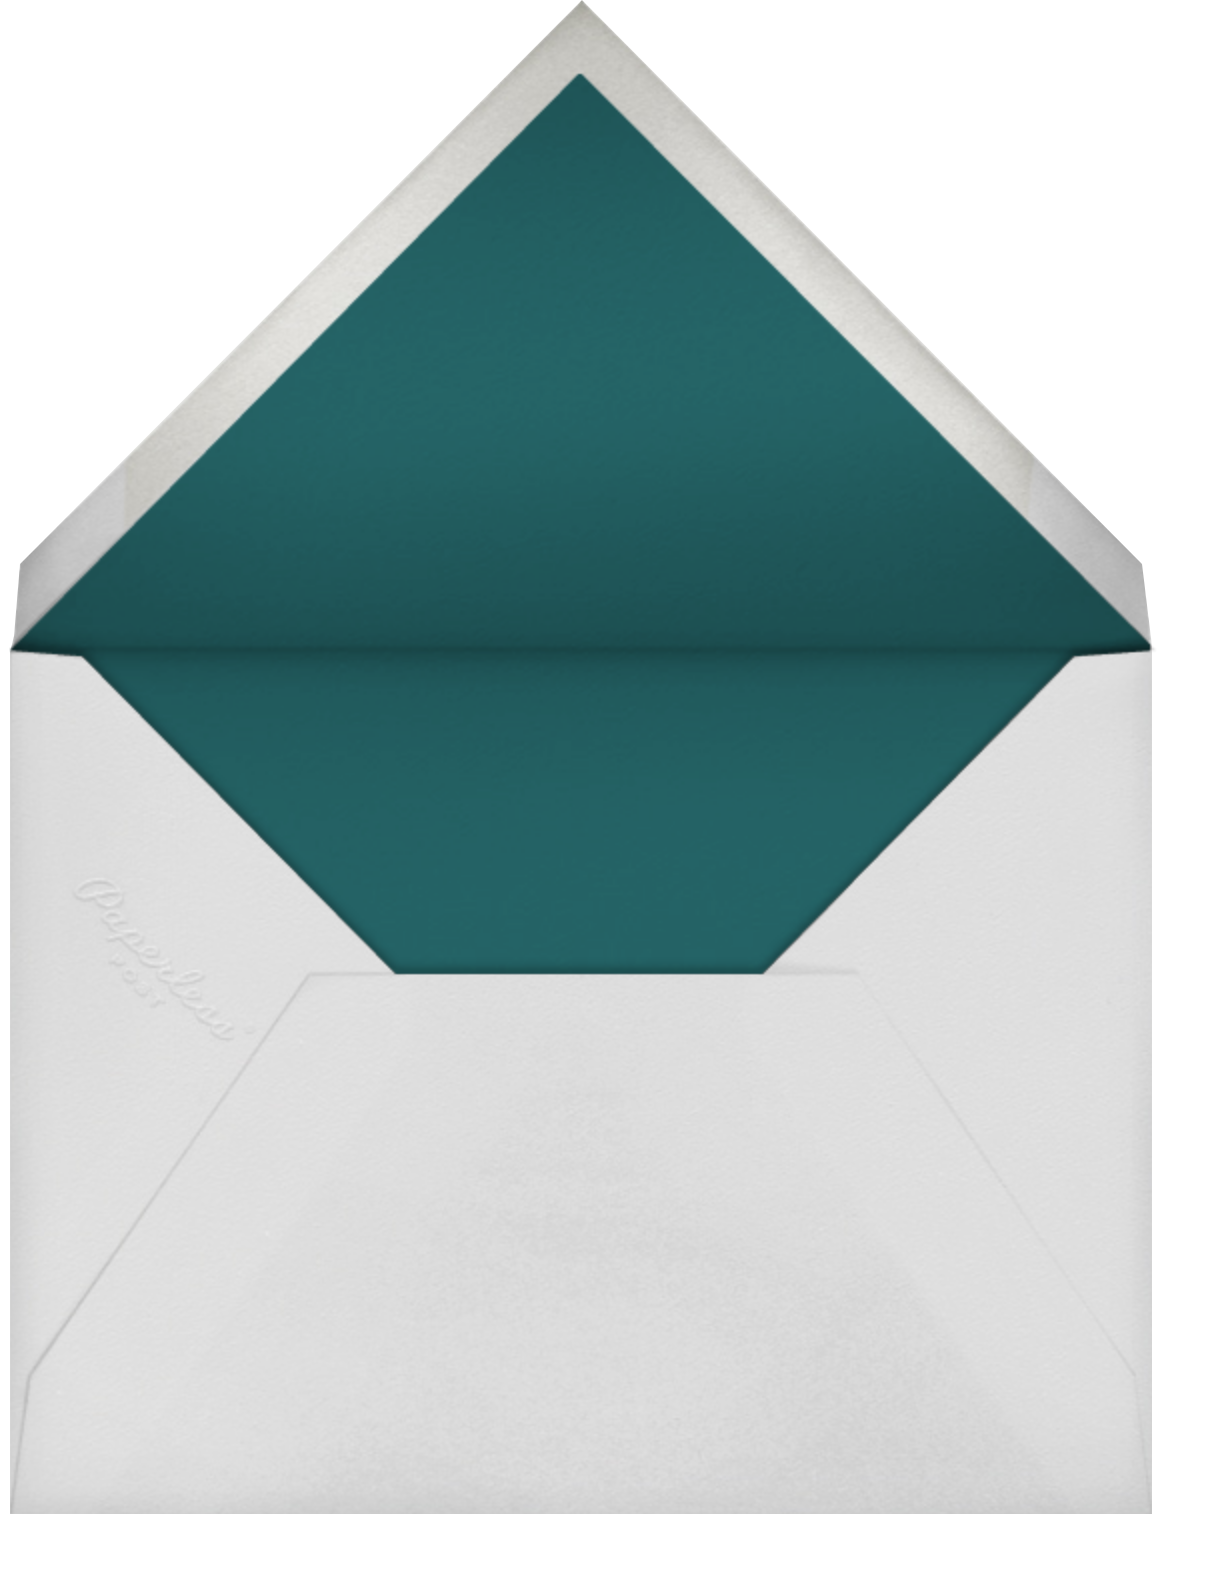 Embossed Floral - Oscar de la Renta - Adult birthday - envelope back